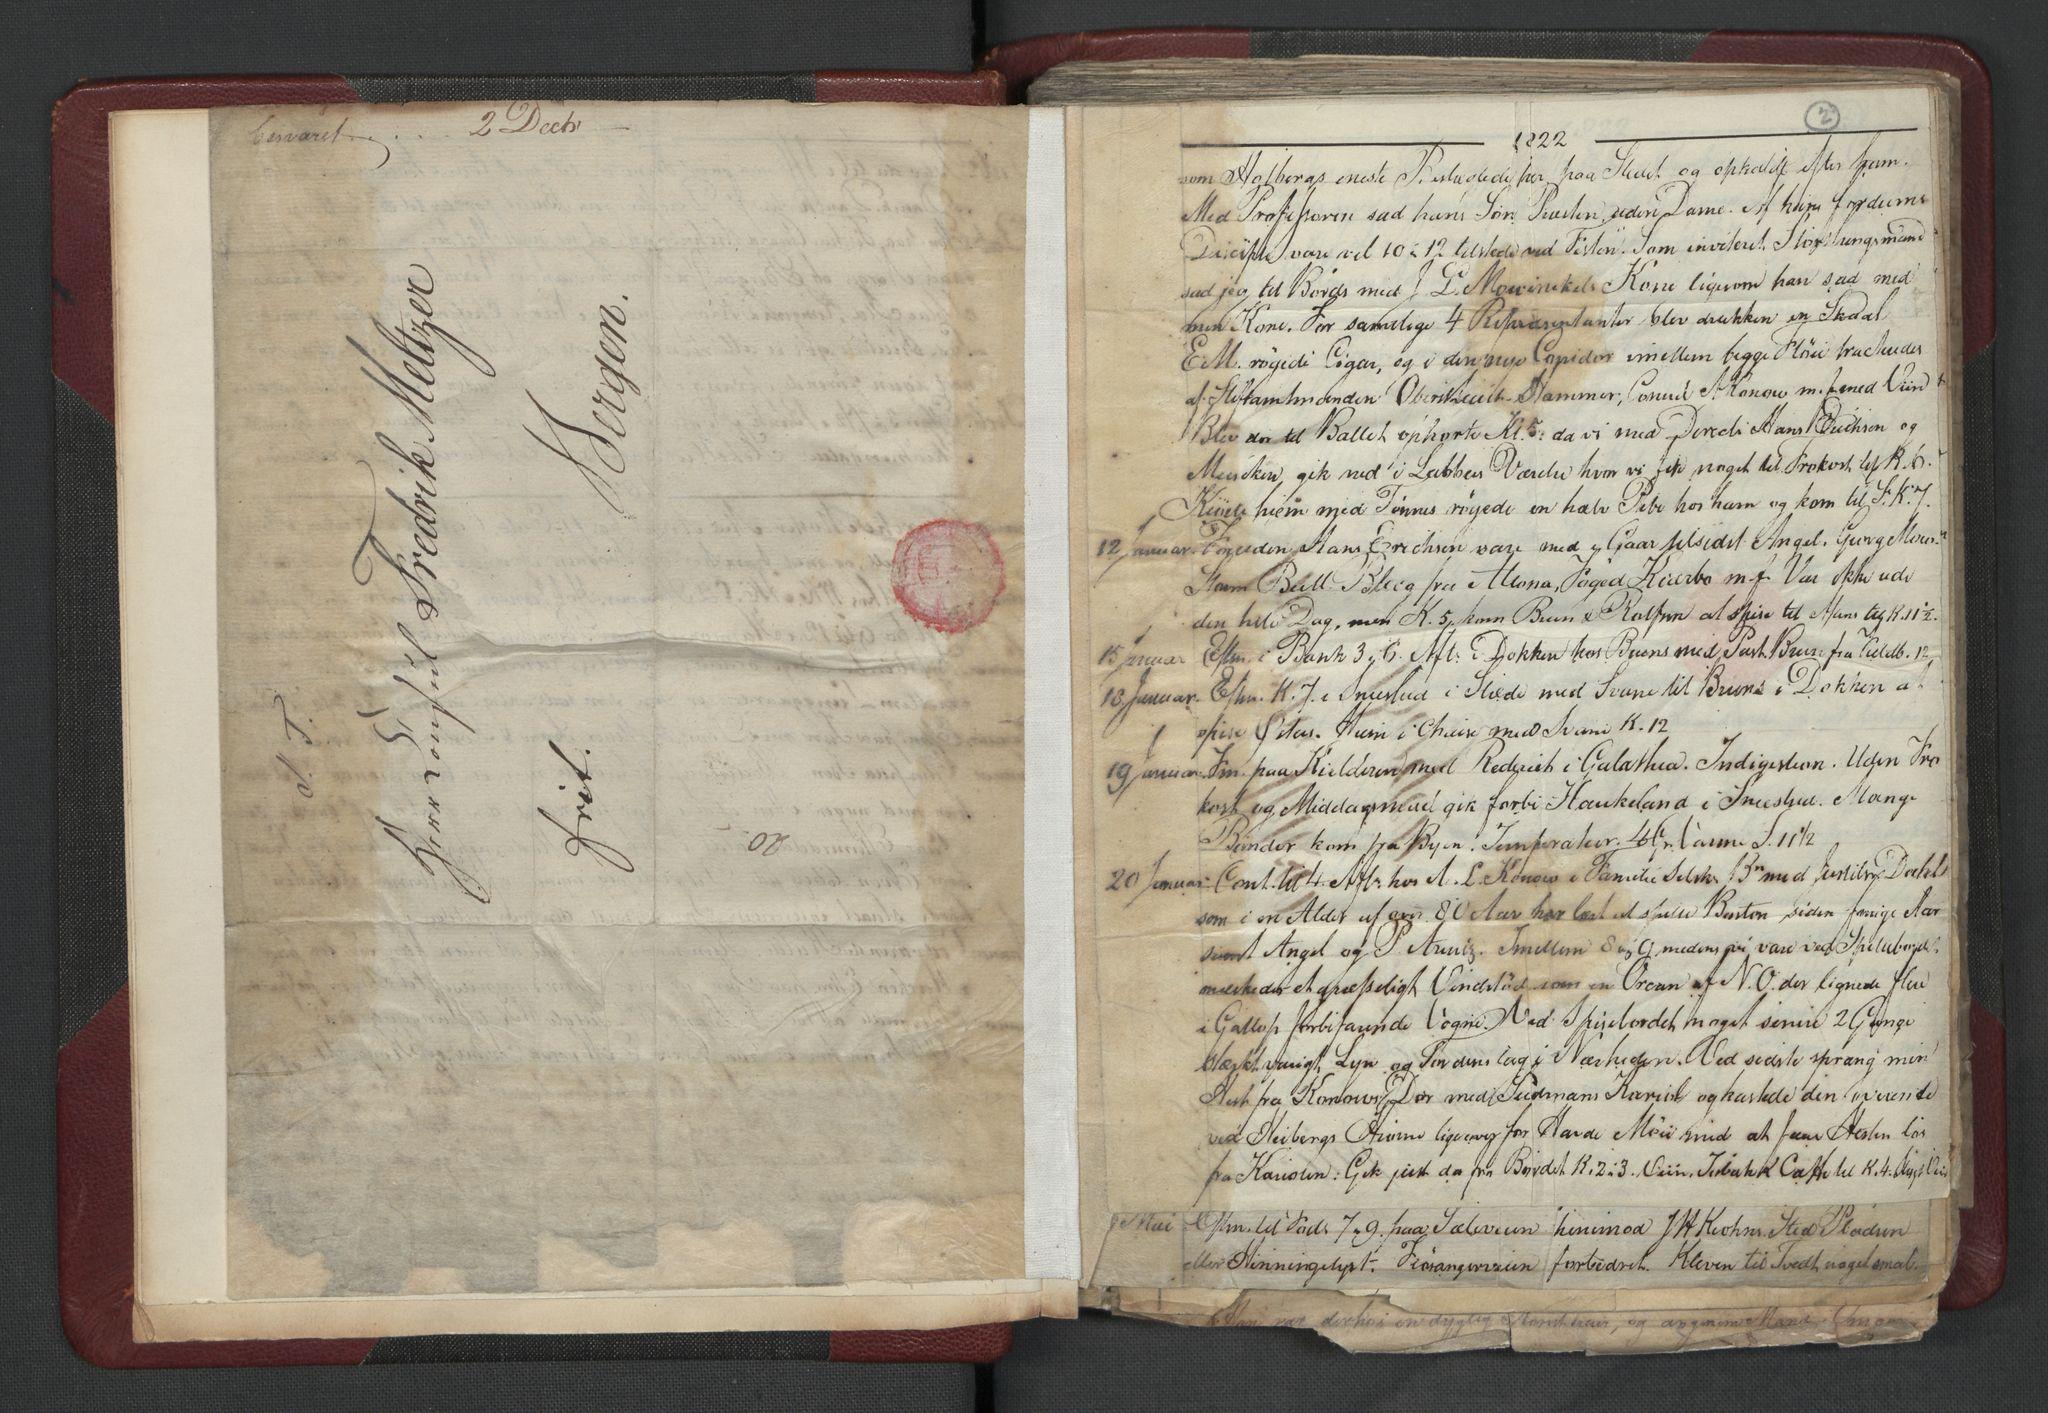 RA, Meltzer, Fredrik, F/L0003: Dagbok, 1821-1831, s. 1b-2a